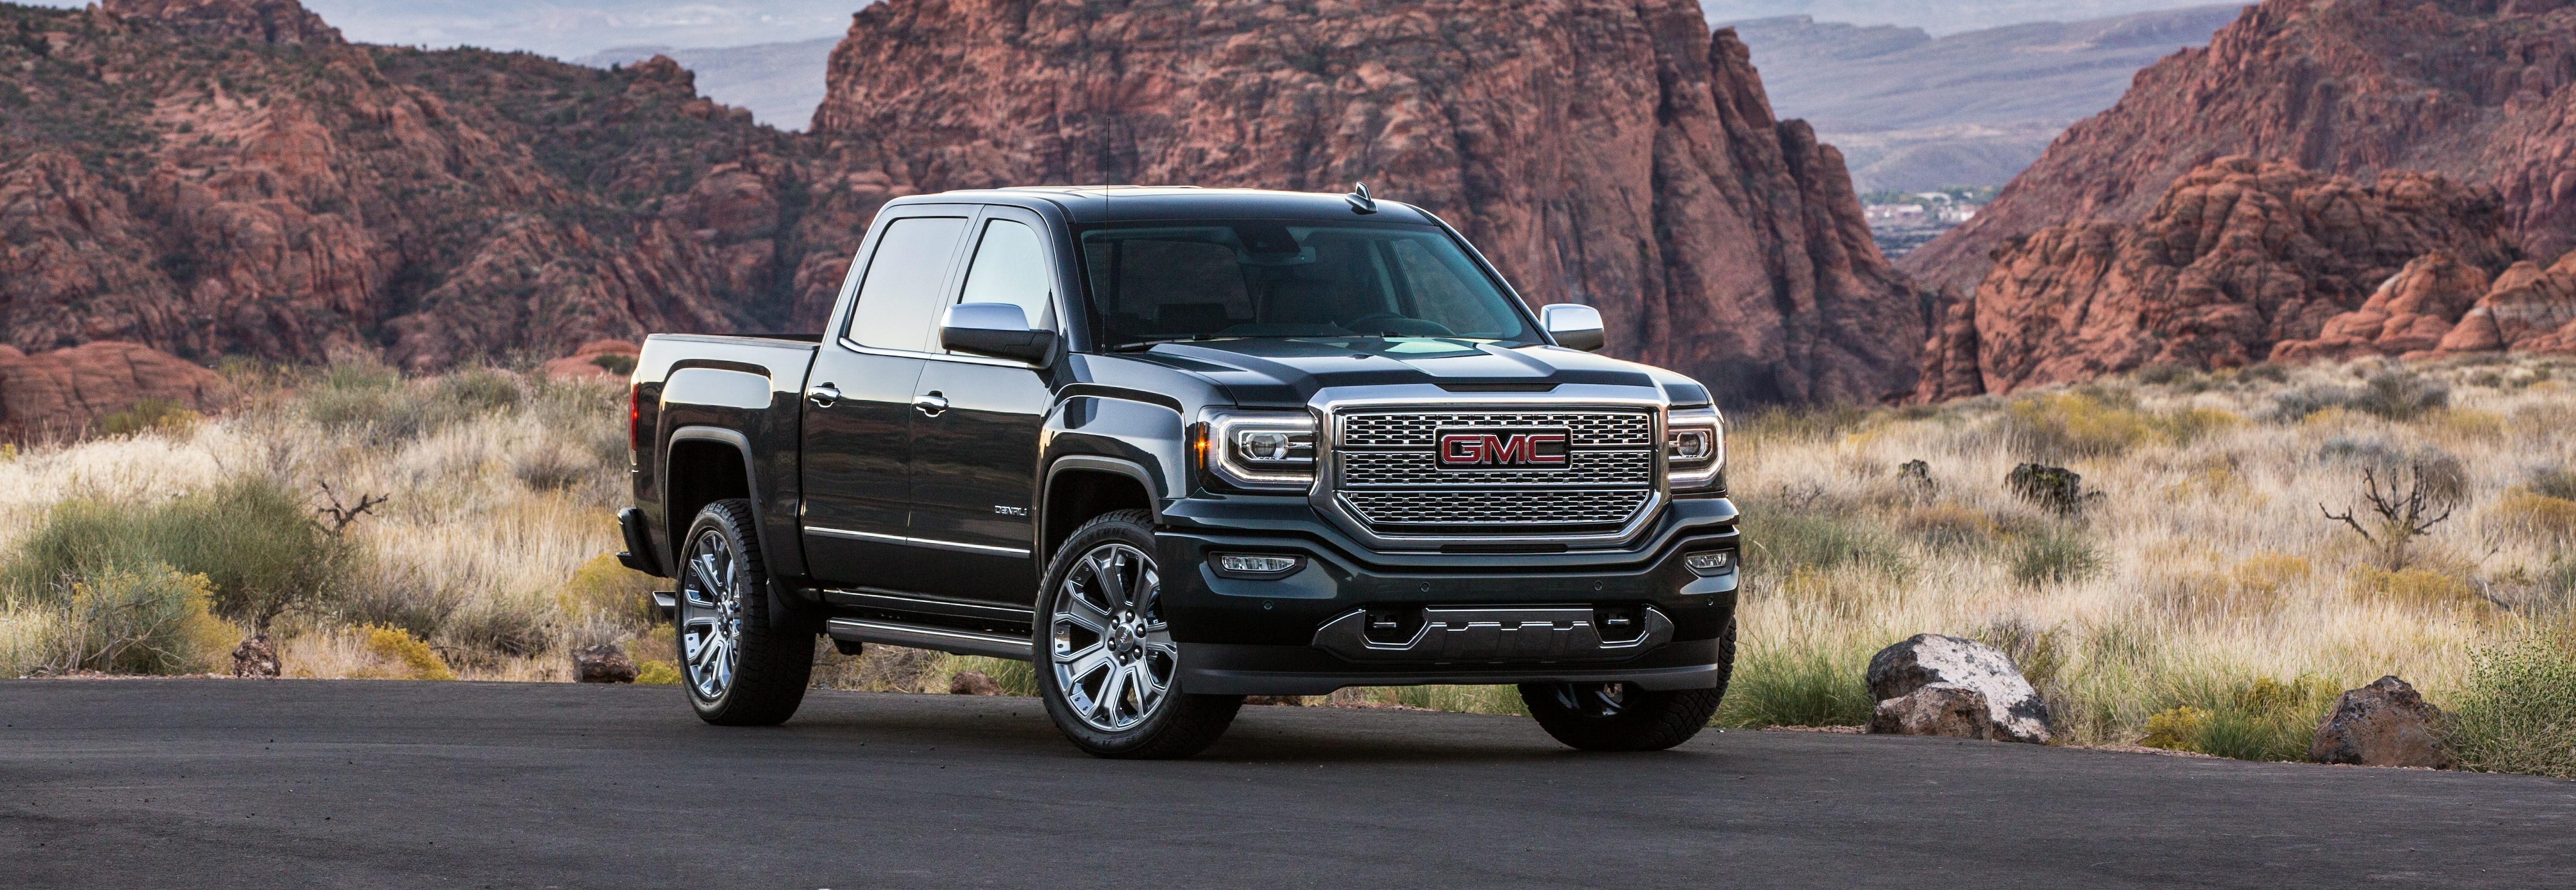 2018 Sierra Denali 1500: Pickup Truck - GMC